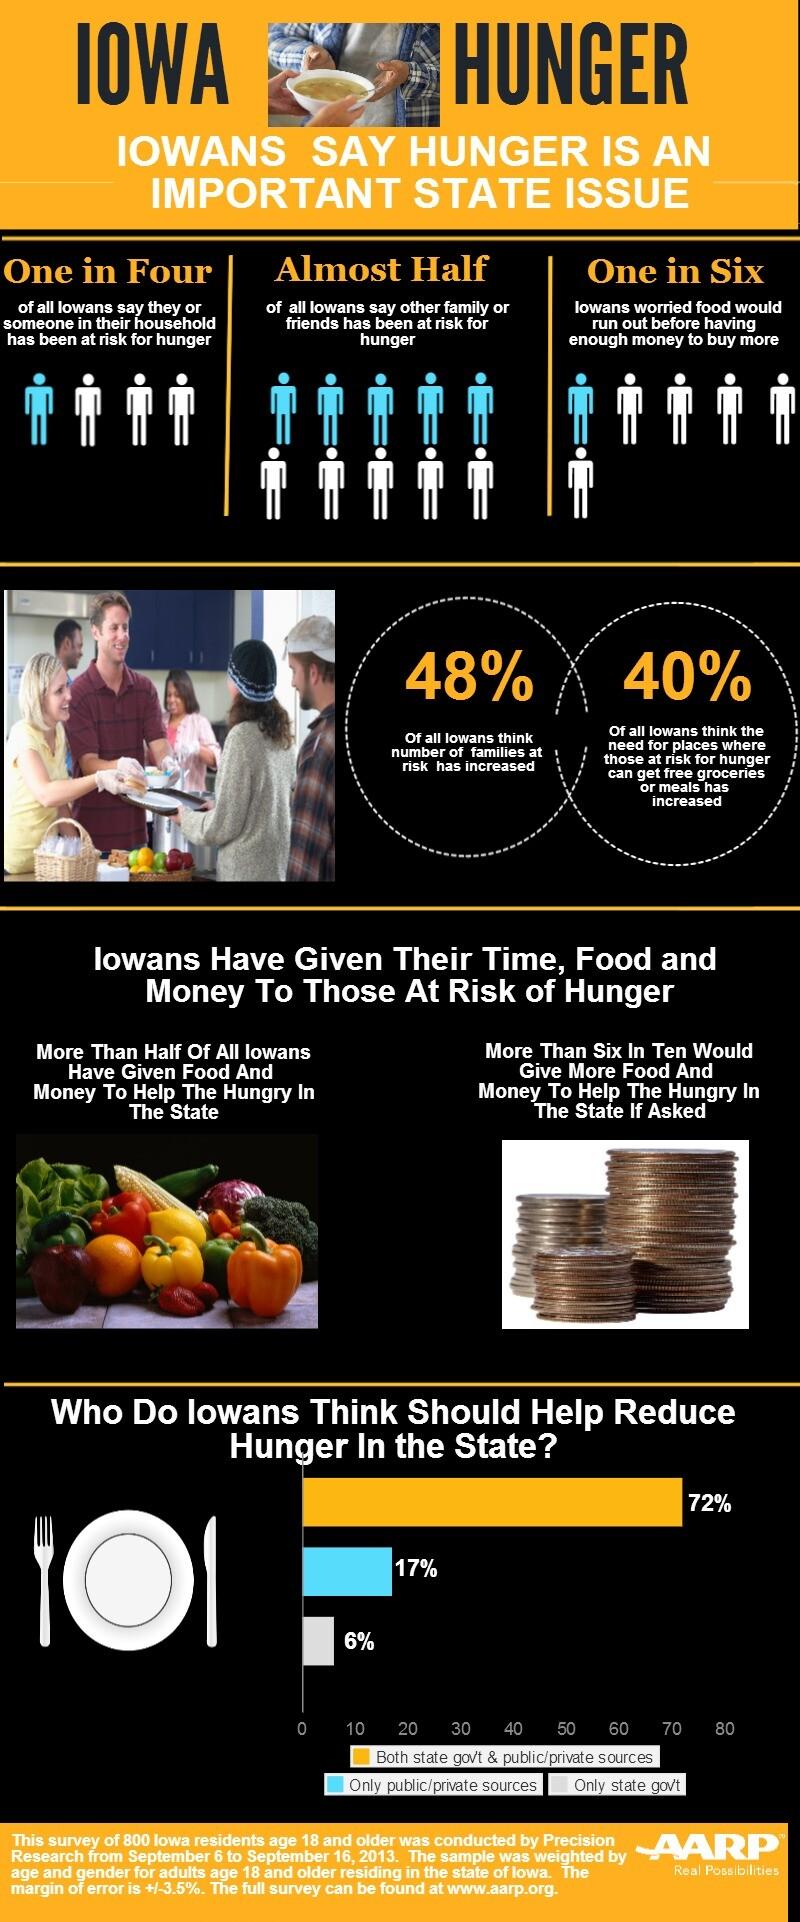 Iowa Hunger INFOGRAPHIC